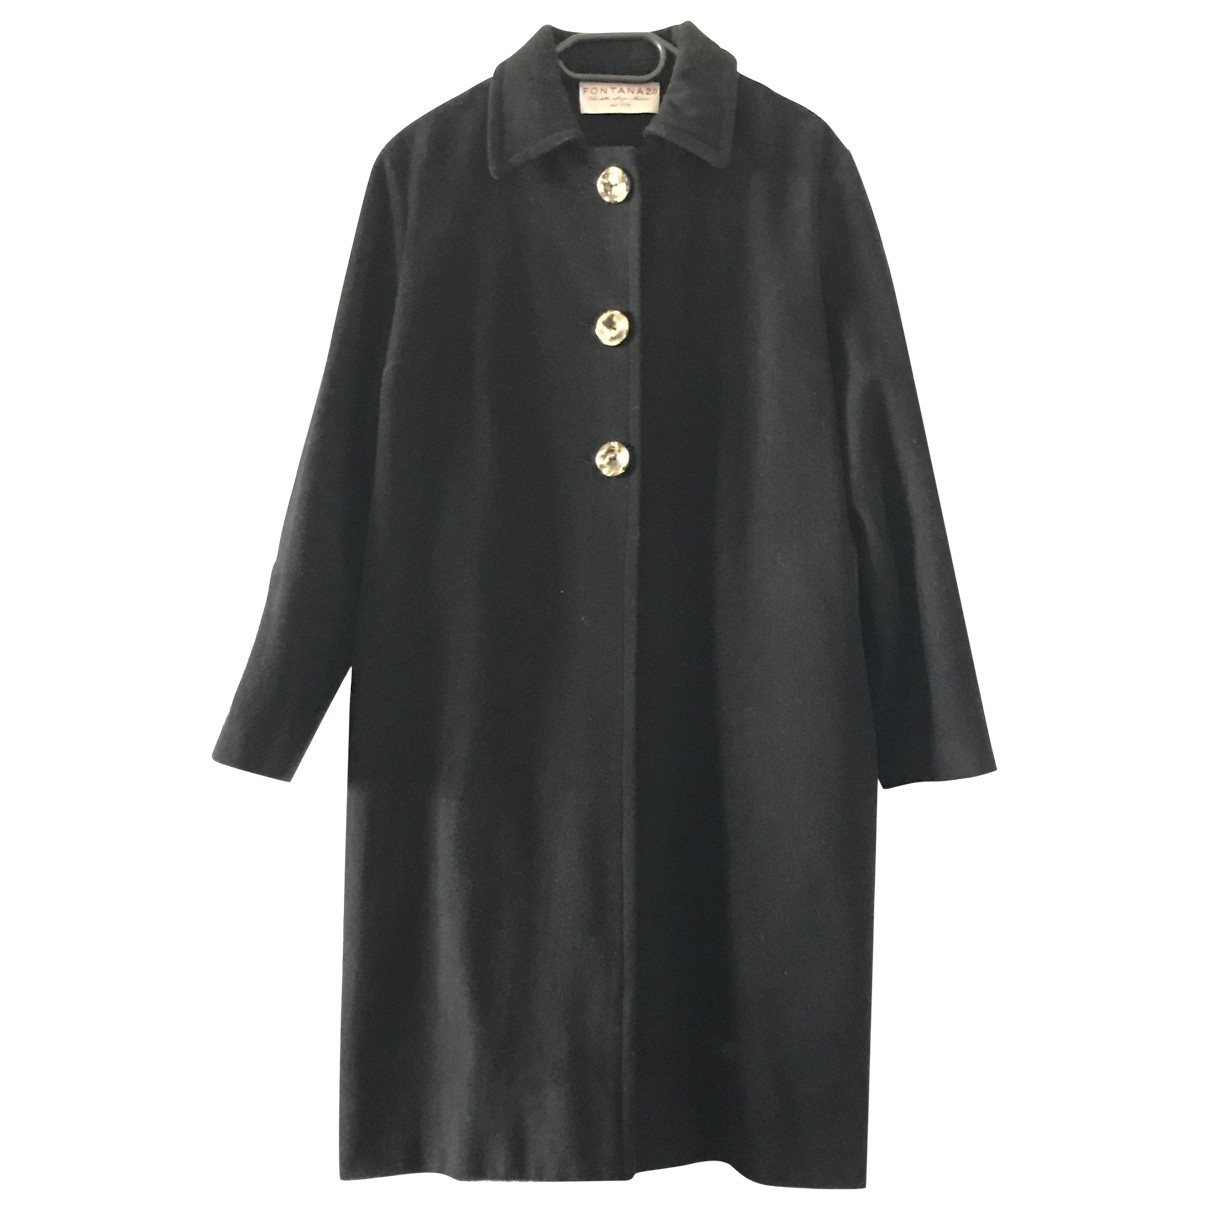 Fontana Milano 1915 - Manteau   pour femme en laine - noir